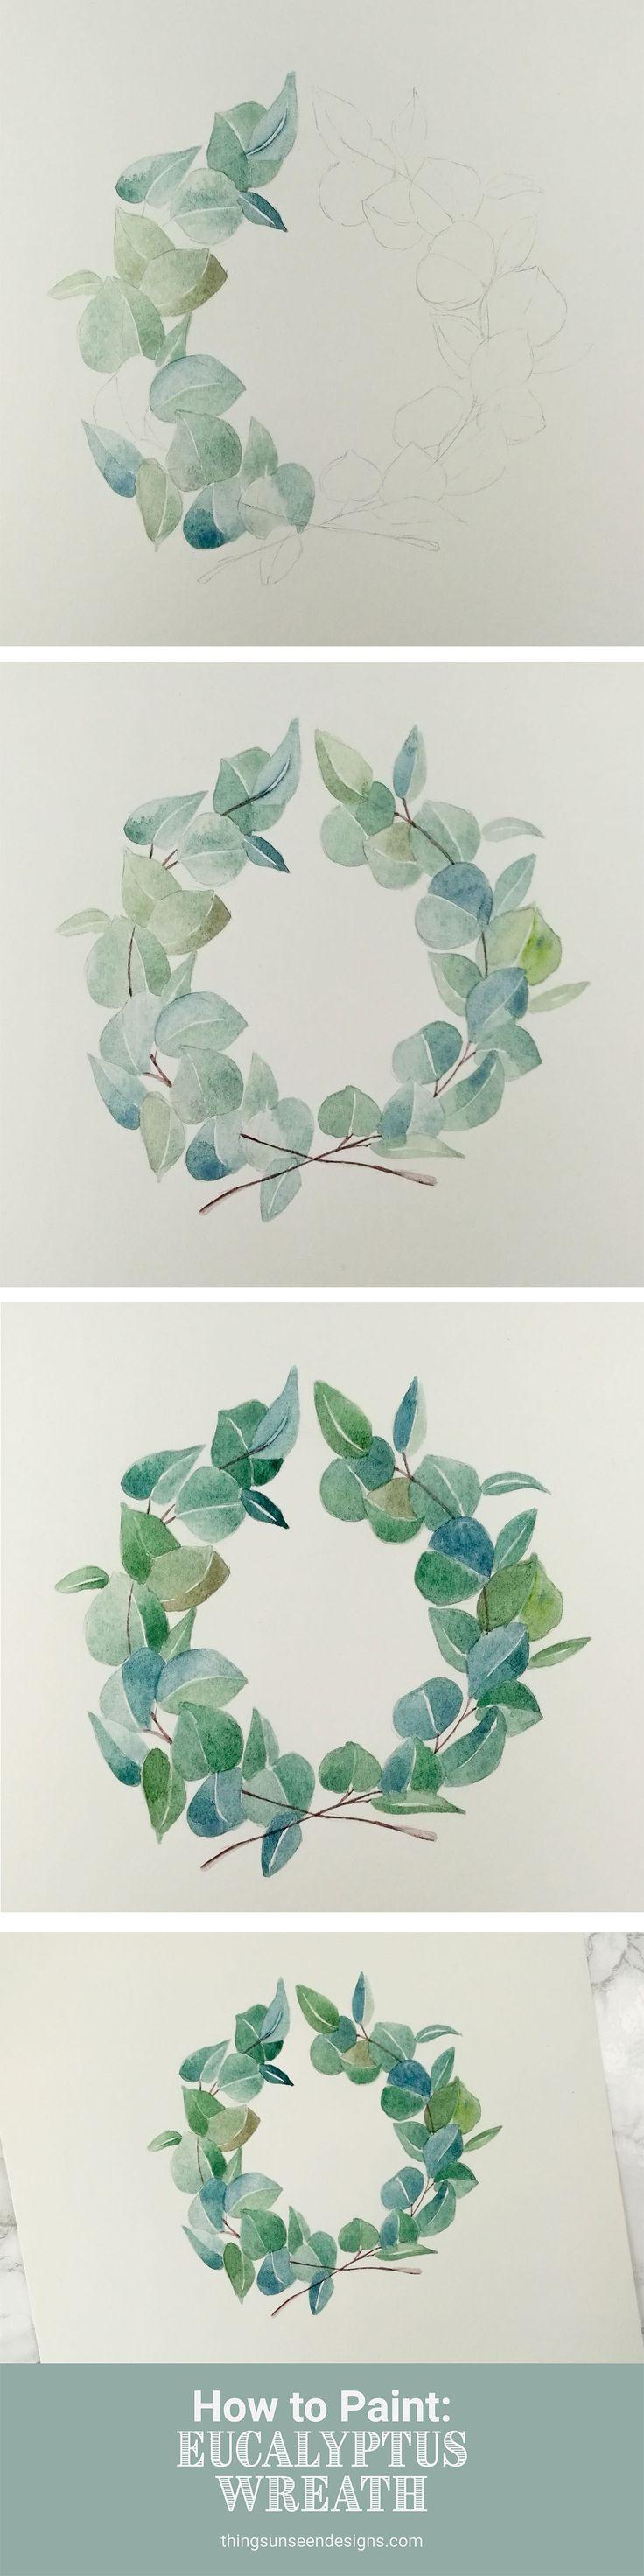 How to Paint: Eucalyptus Wreath